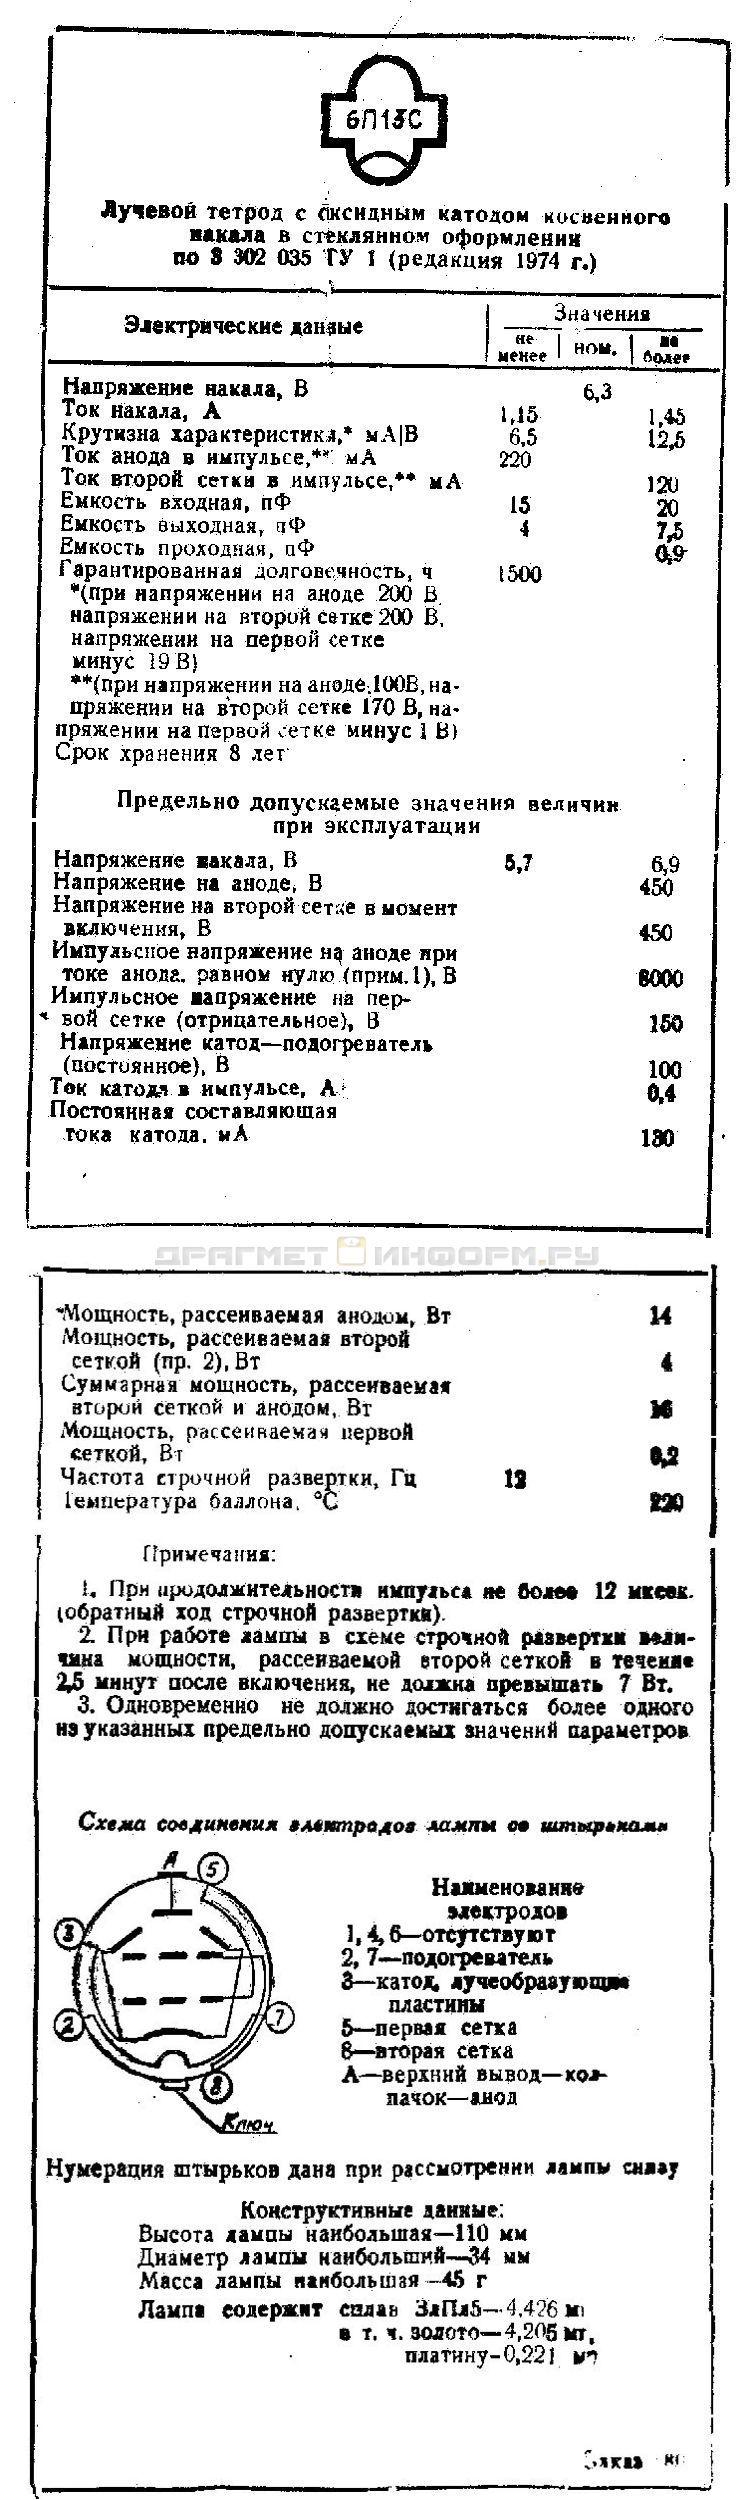 Формуляр 6П13С